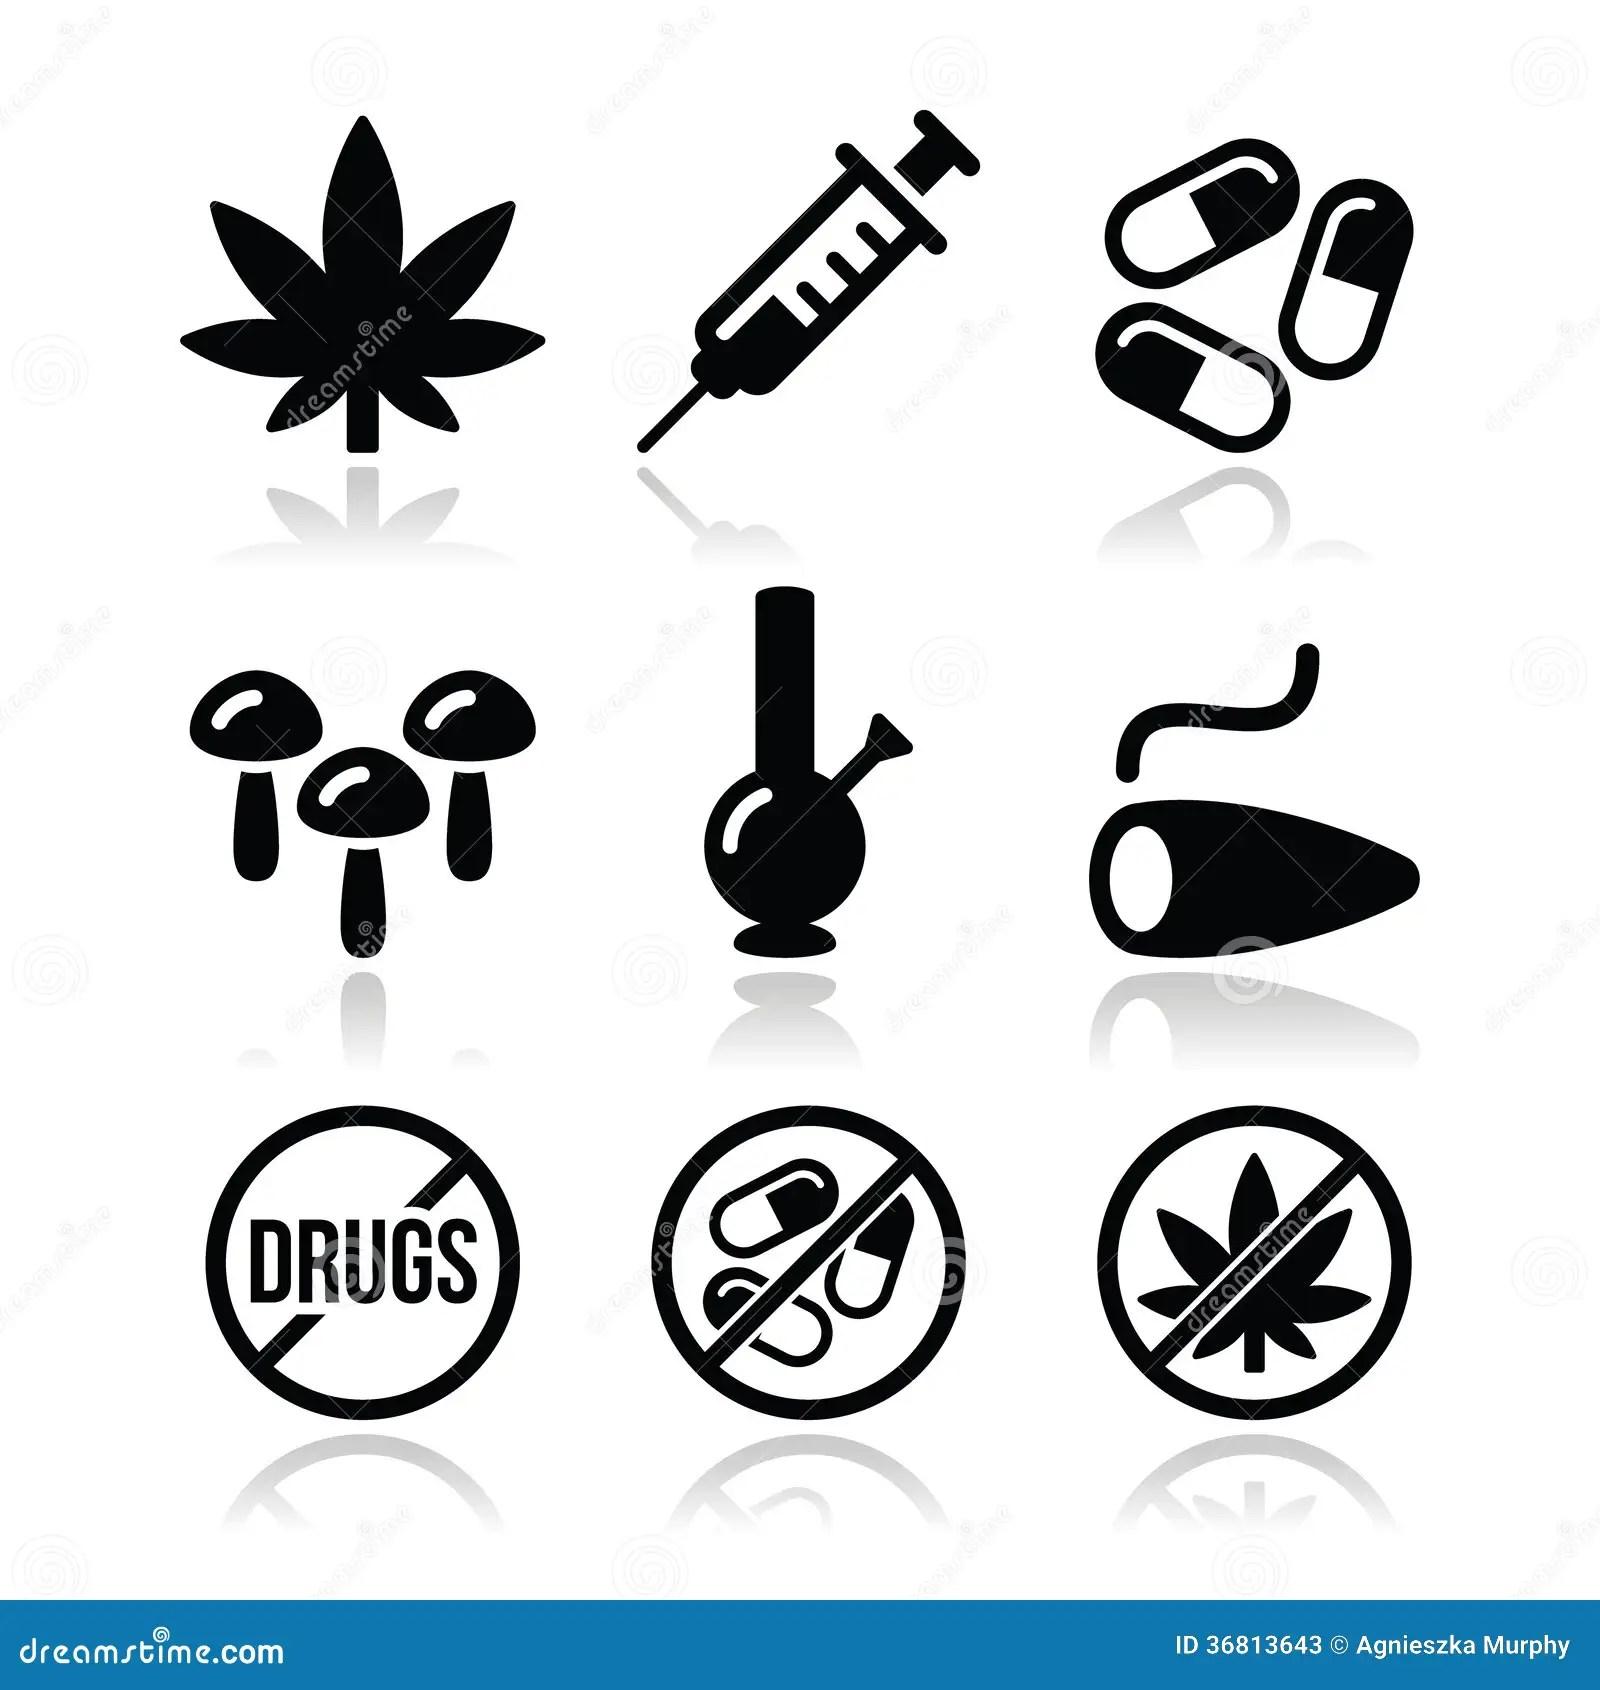 Drugs Addiction Syringe Icons Set Stock